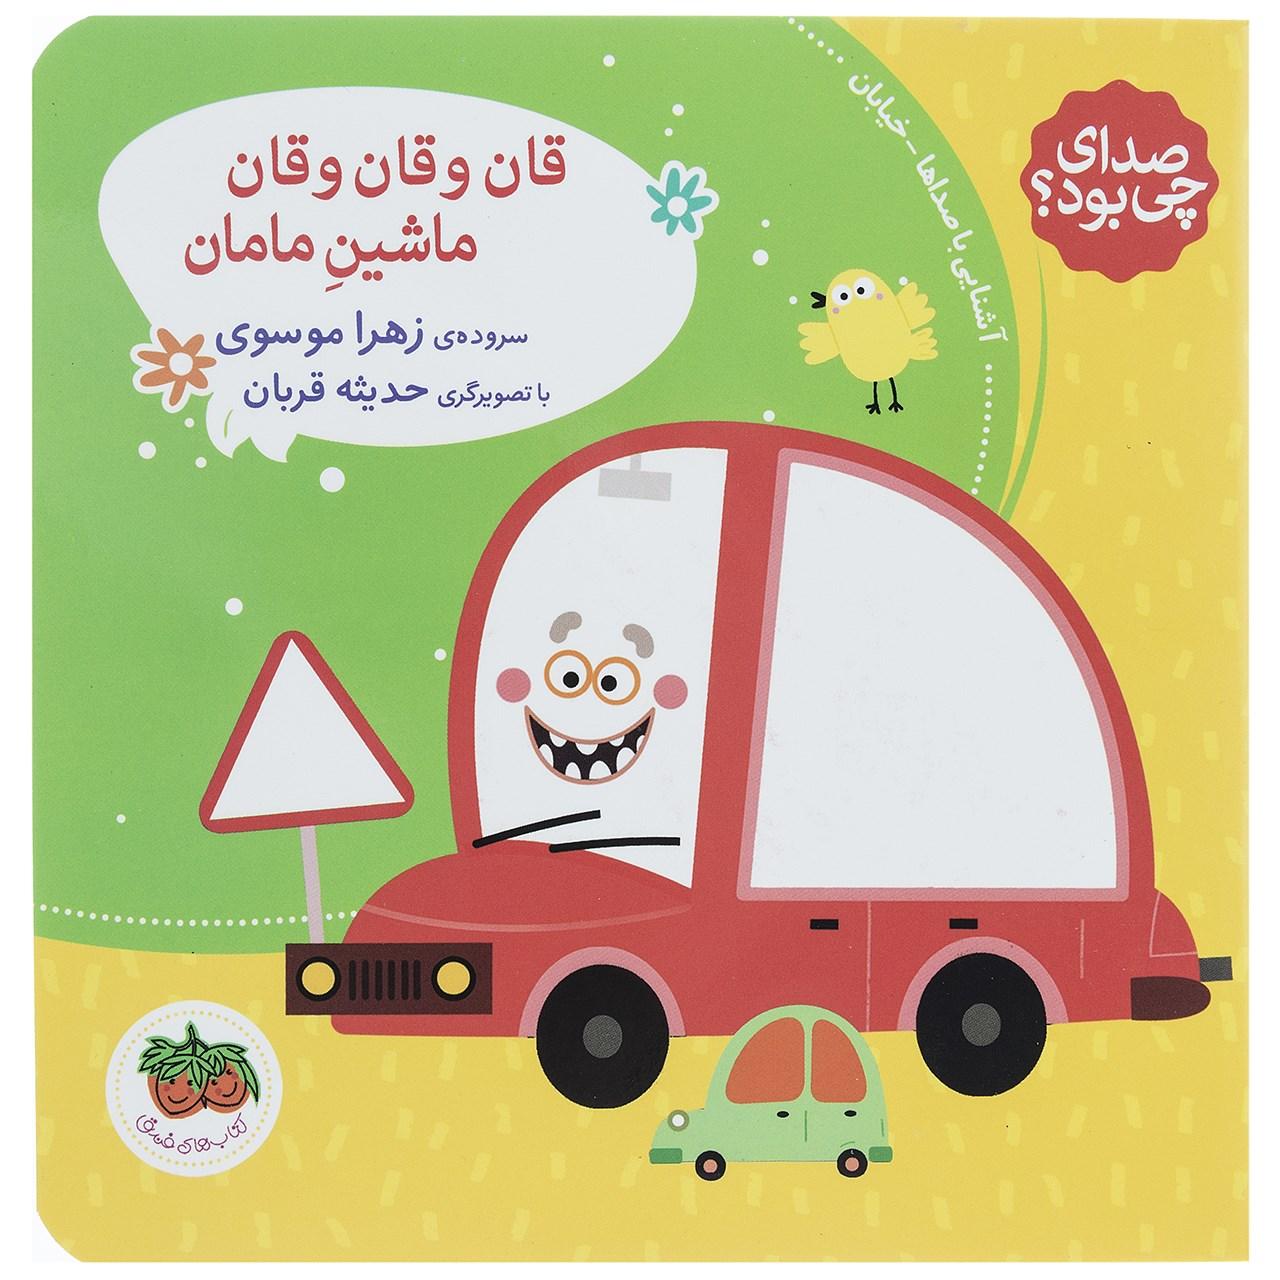 خرید                      کتاب قان و قان و قان ماشین مامان اثر زهرا موسوی